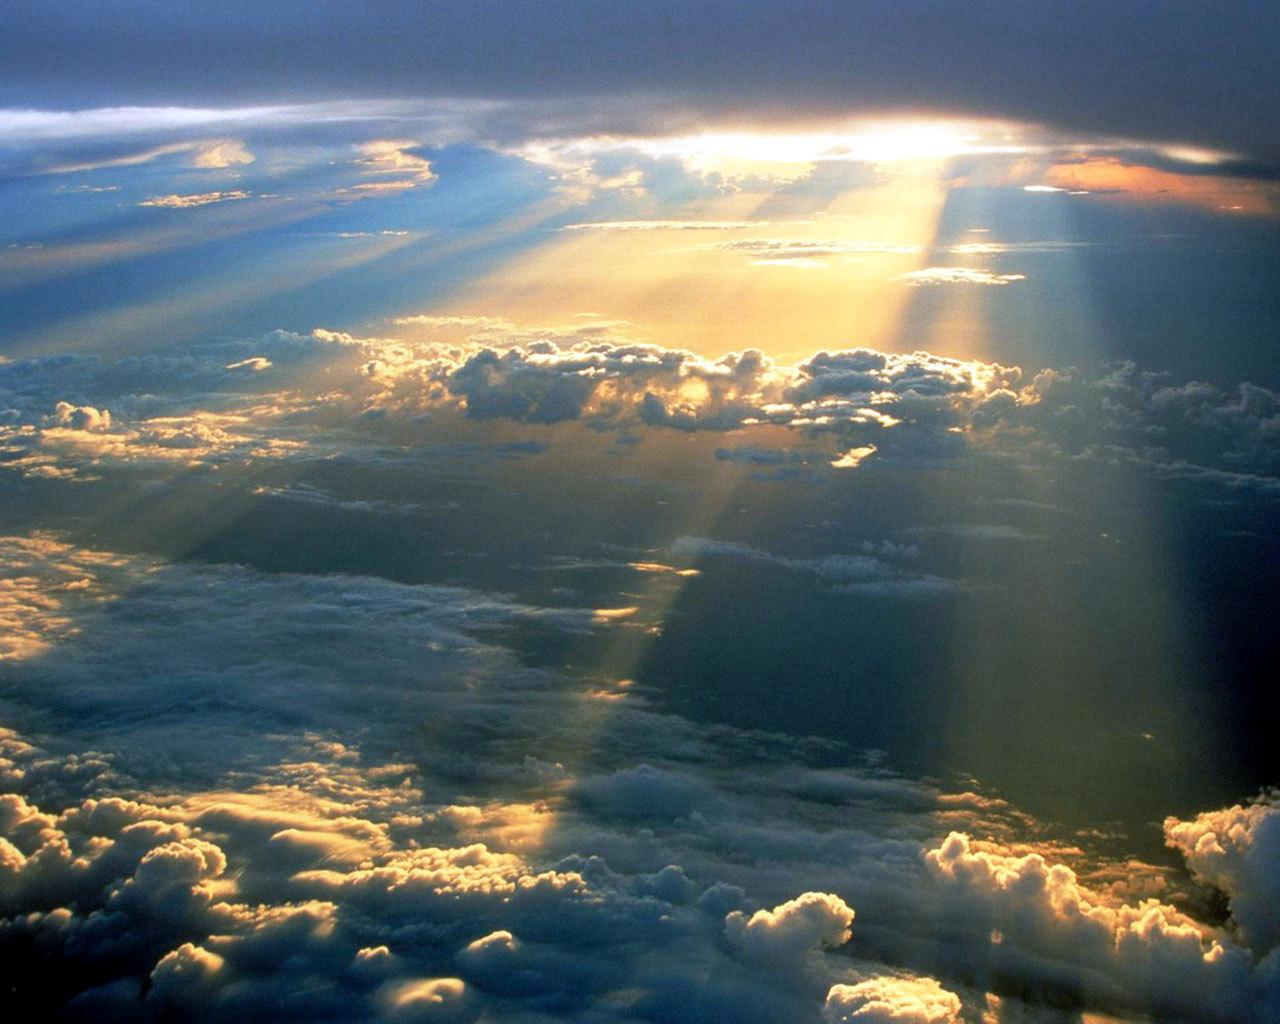 http://2.bp.blogspot.com/-b44YP440RFc/T8i6x5ueNTI/AAAAAAAAA4A/Ota9A8vjnQk/s1600/61.jpg